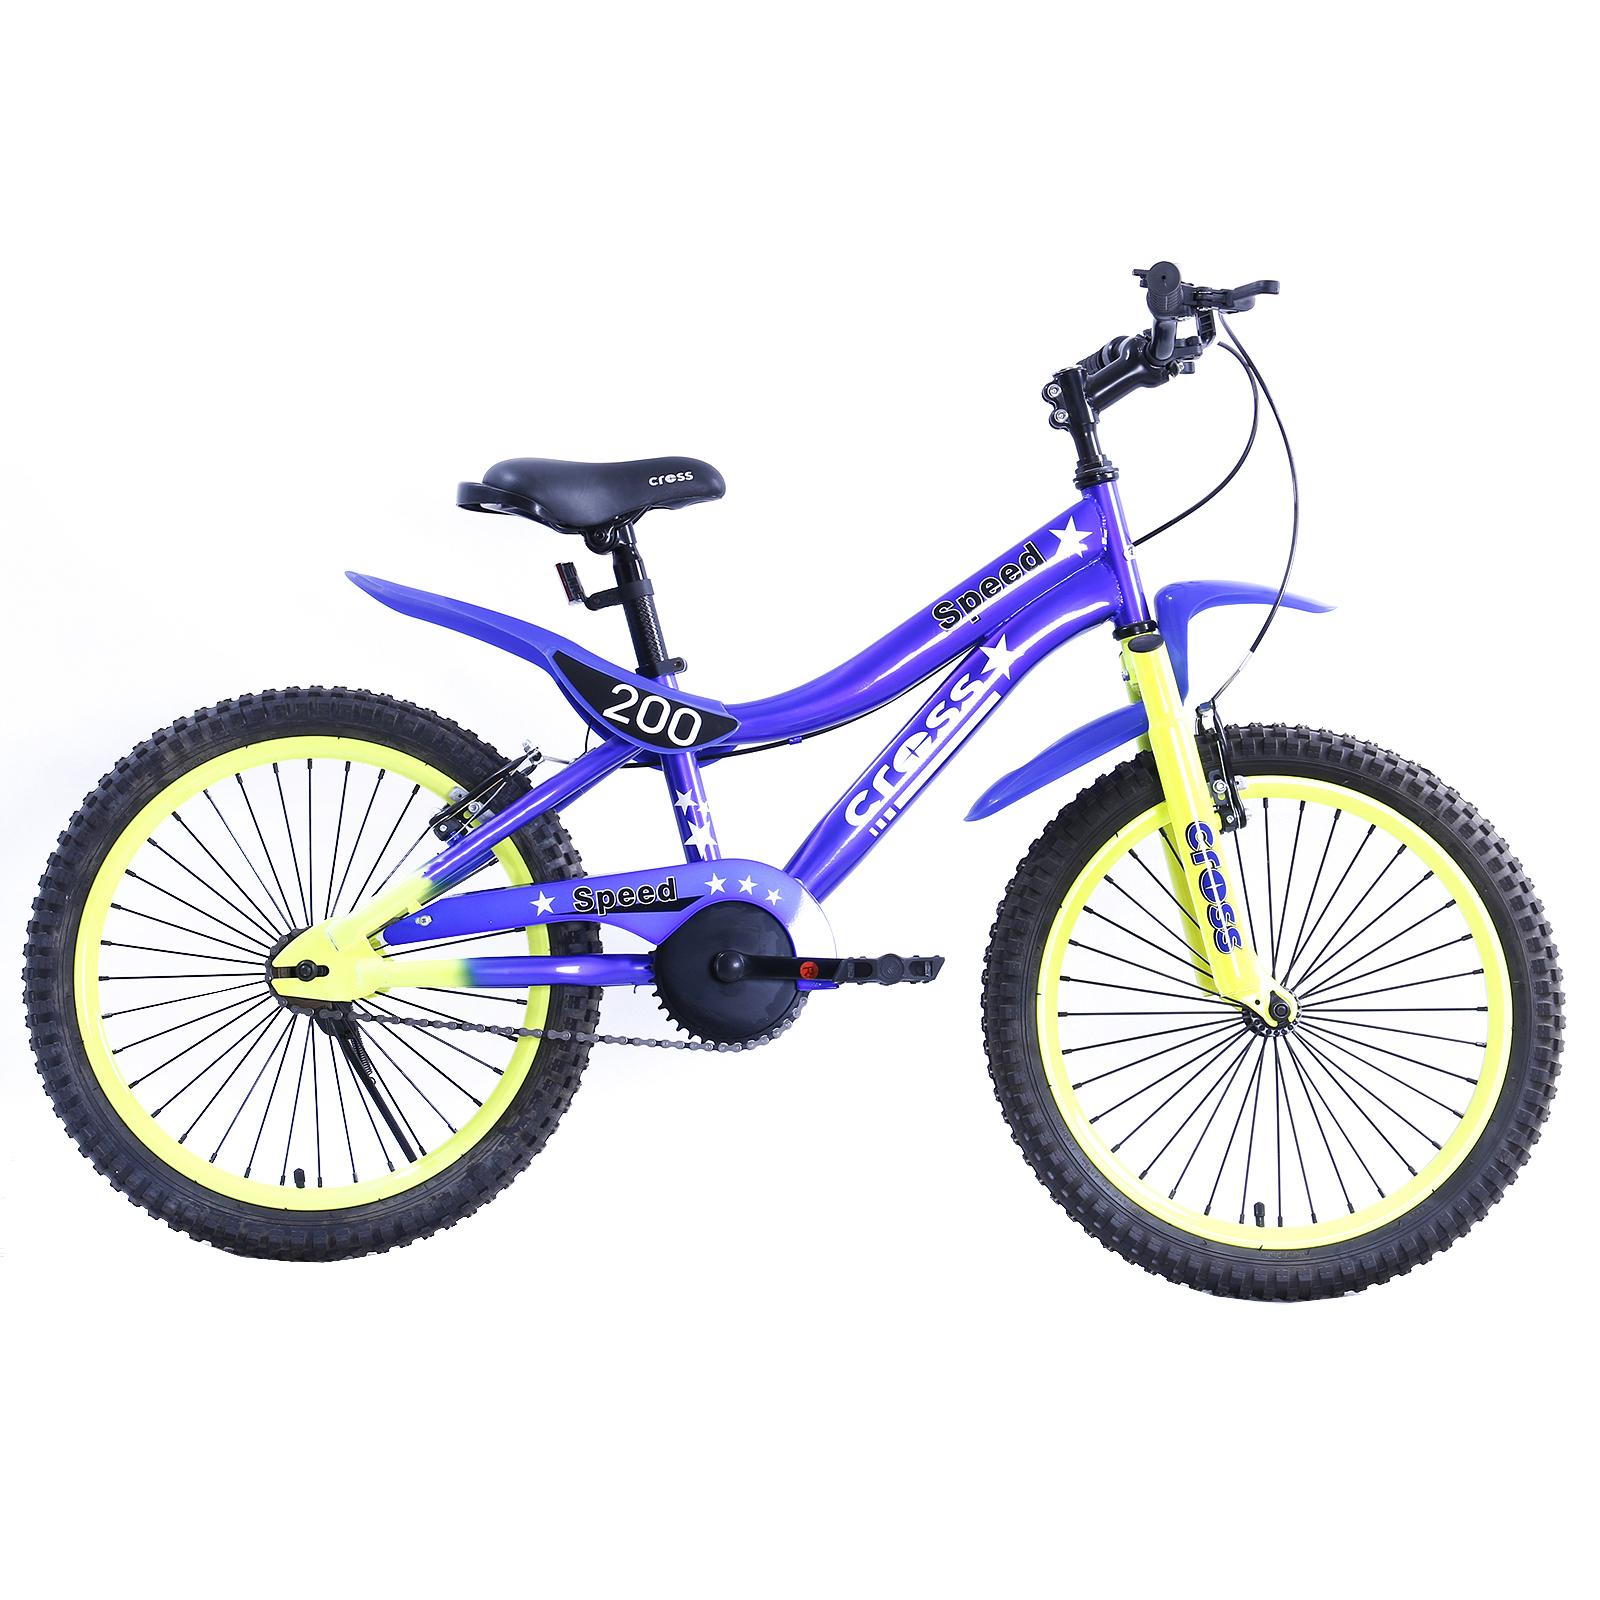 دوچرخه کوهستان کراس مدل Speed  سایز 20